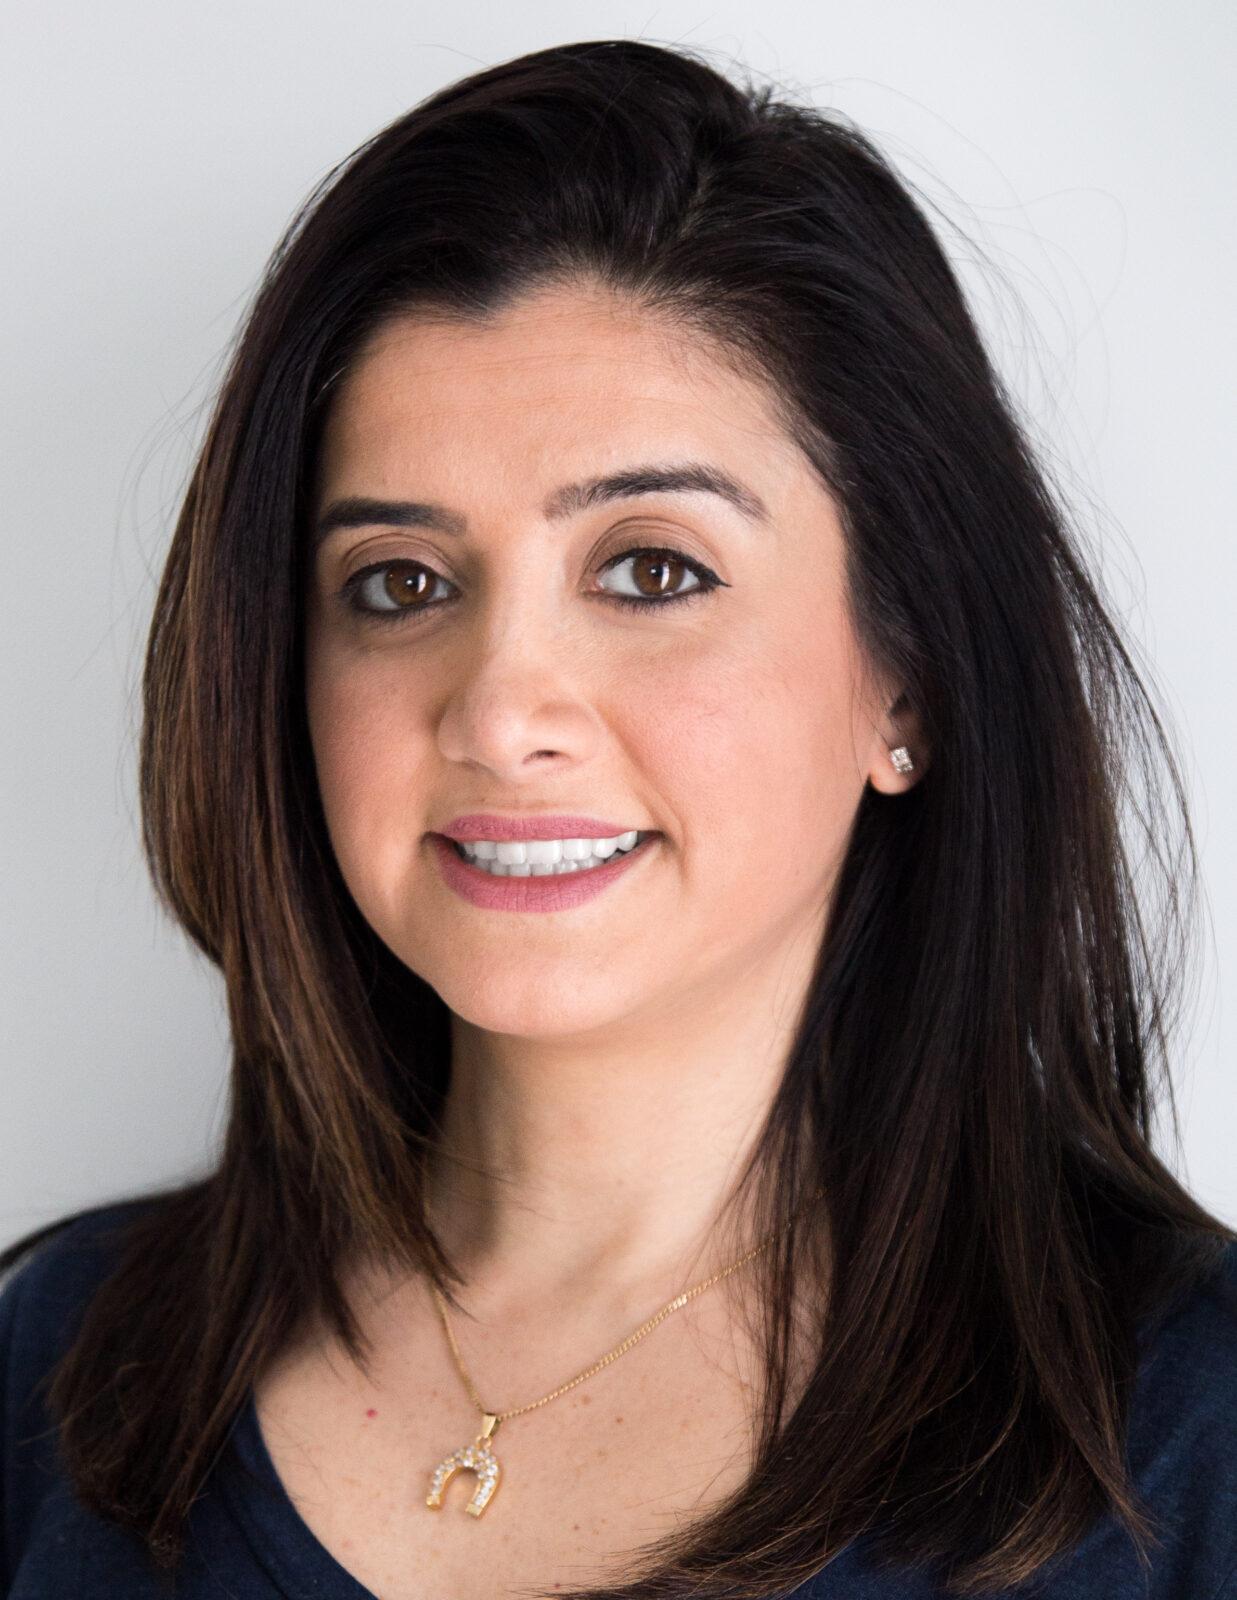 05 - Aniseh Sharifi - Sales + Marketing